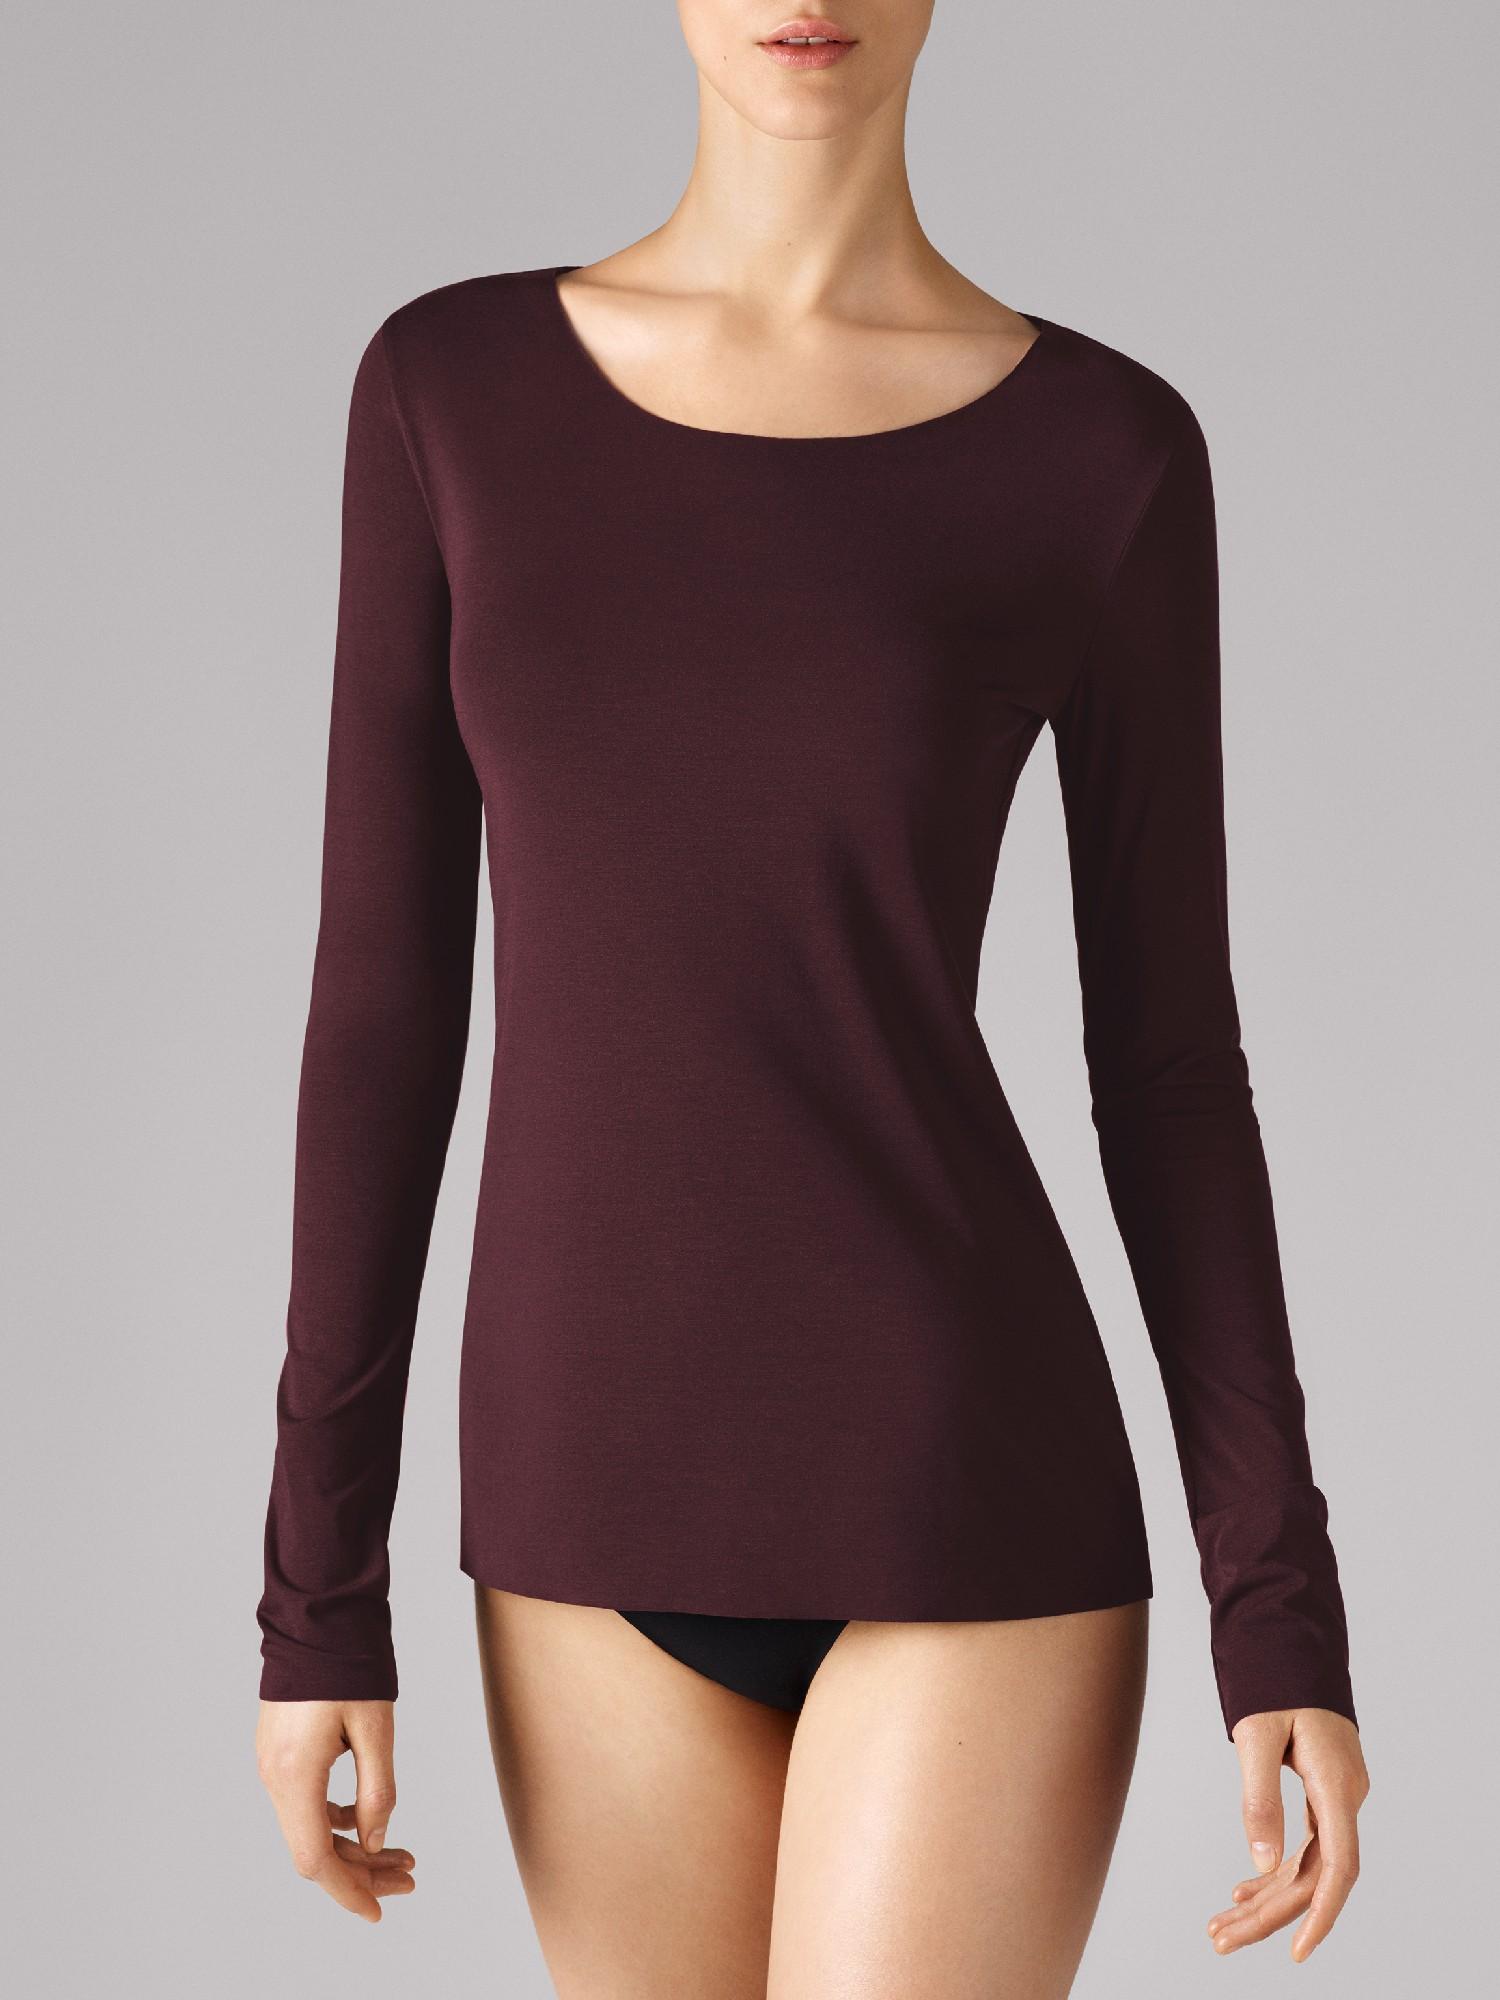 Купить со скидкой pure pullover